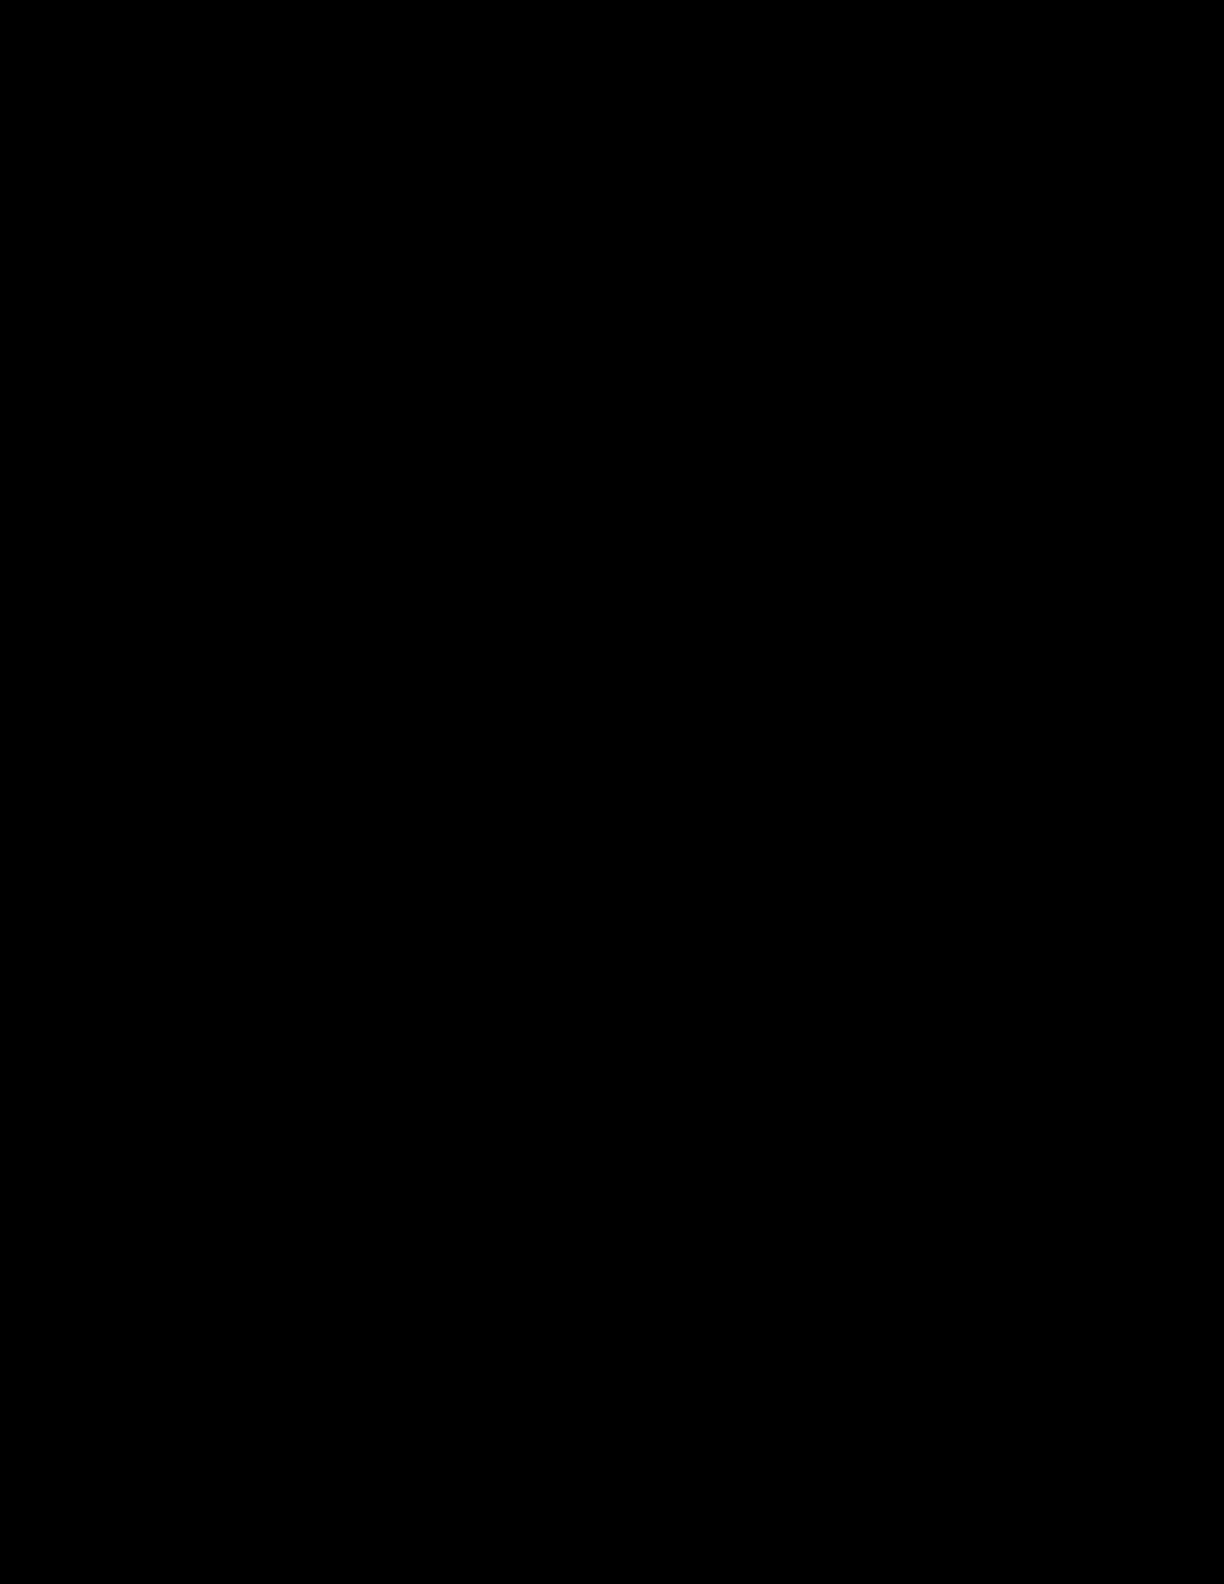 MT781 W1 P1